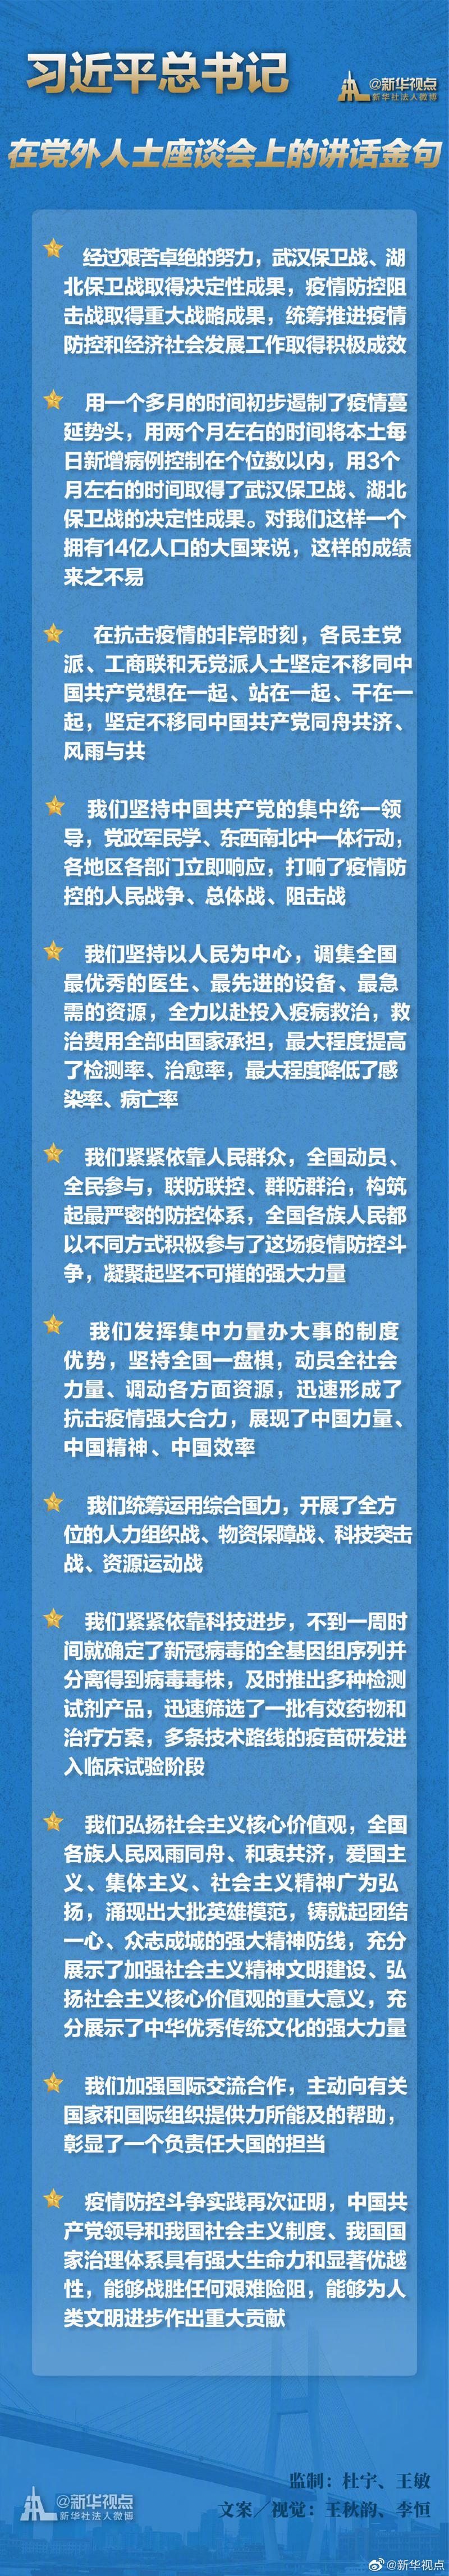 [杏悦平台]在党杏悦平台外人士座谈会上的图片